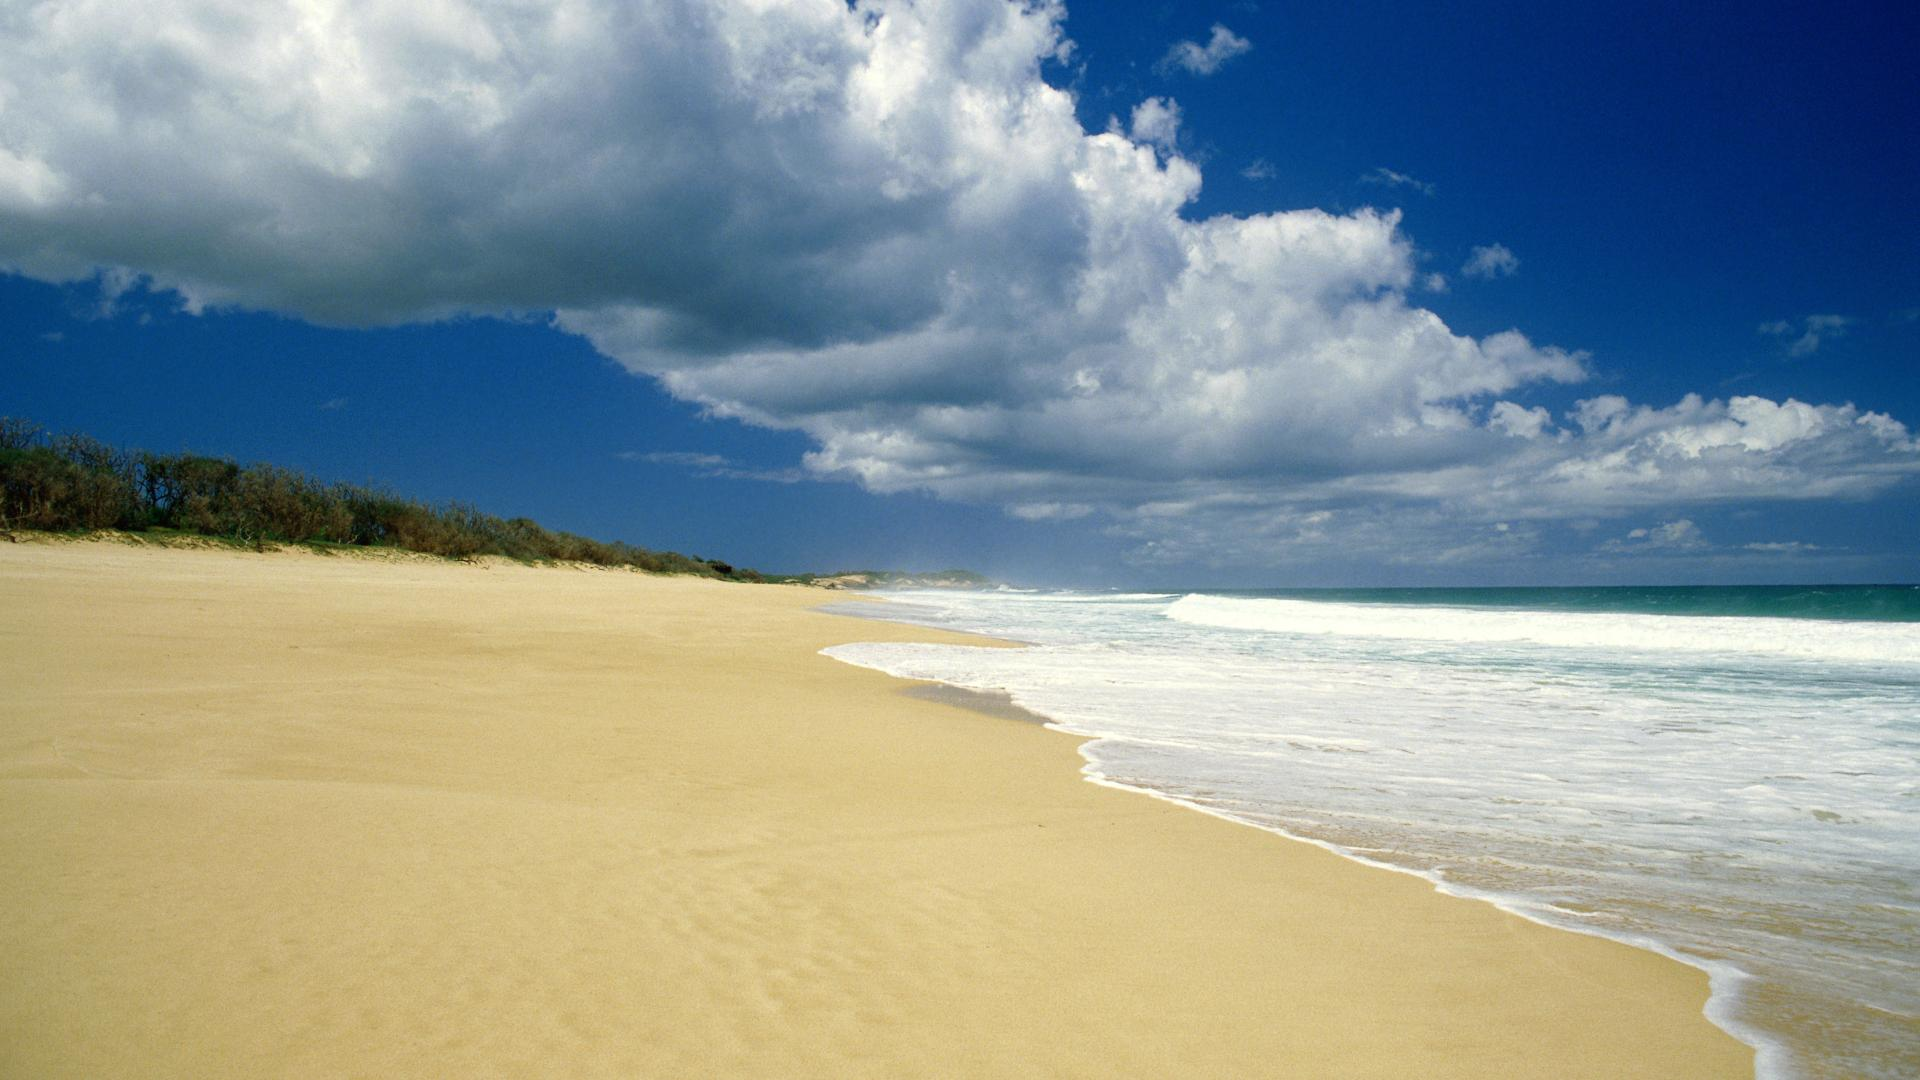 Beach Scenery Wallpaper Wallpapersafari